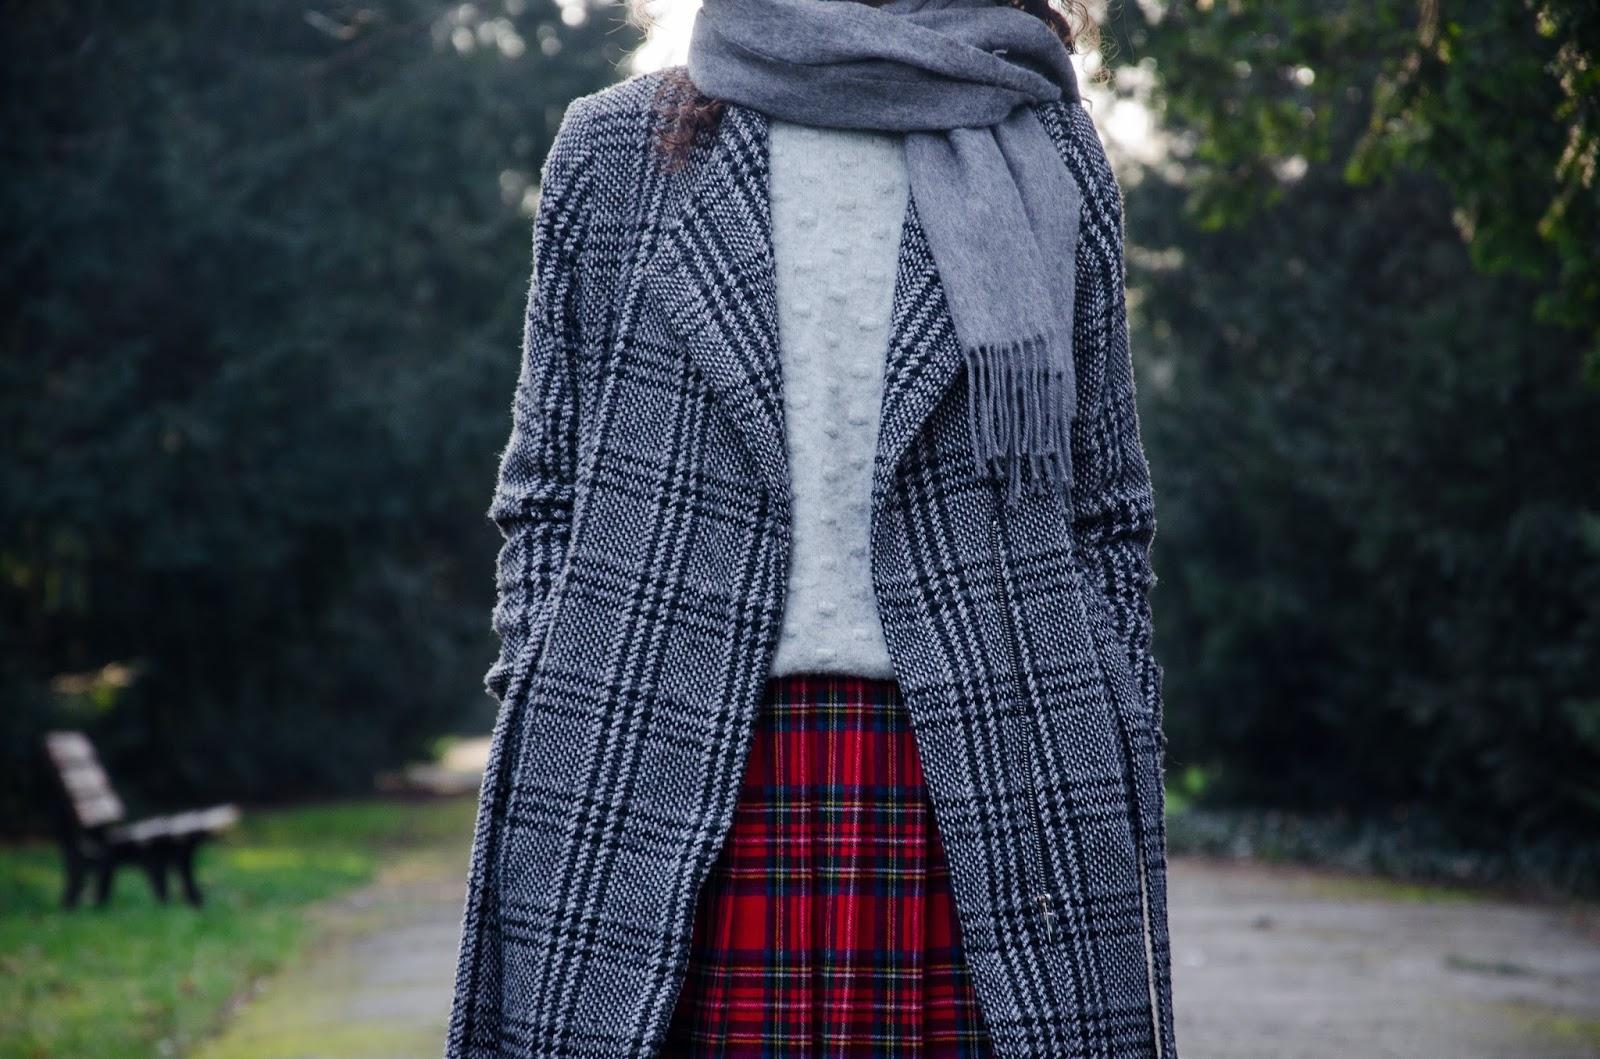 vogue, szkocka kratka, wpsomnienia, zakreecona, kręcone włosy, płąszcz orsay, blog, outfit, hala stulecia, spódnica, second hand, lumpeks, blog modowy, blog podróżniczy